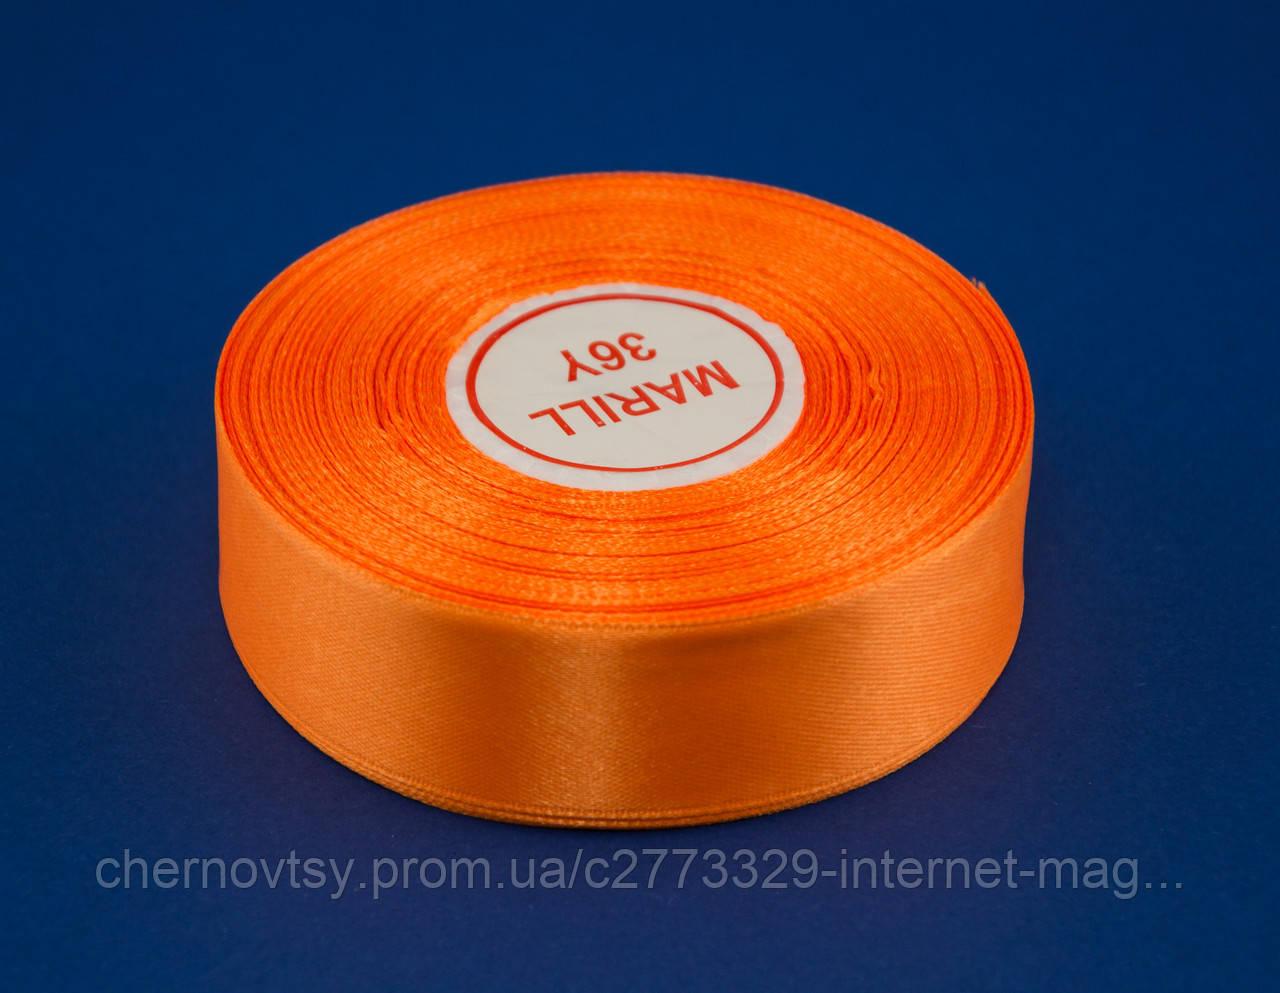 Стрічка атлас 2 см, 33 м, № 151 Світло-помаранчева